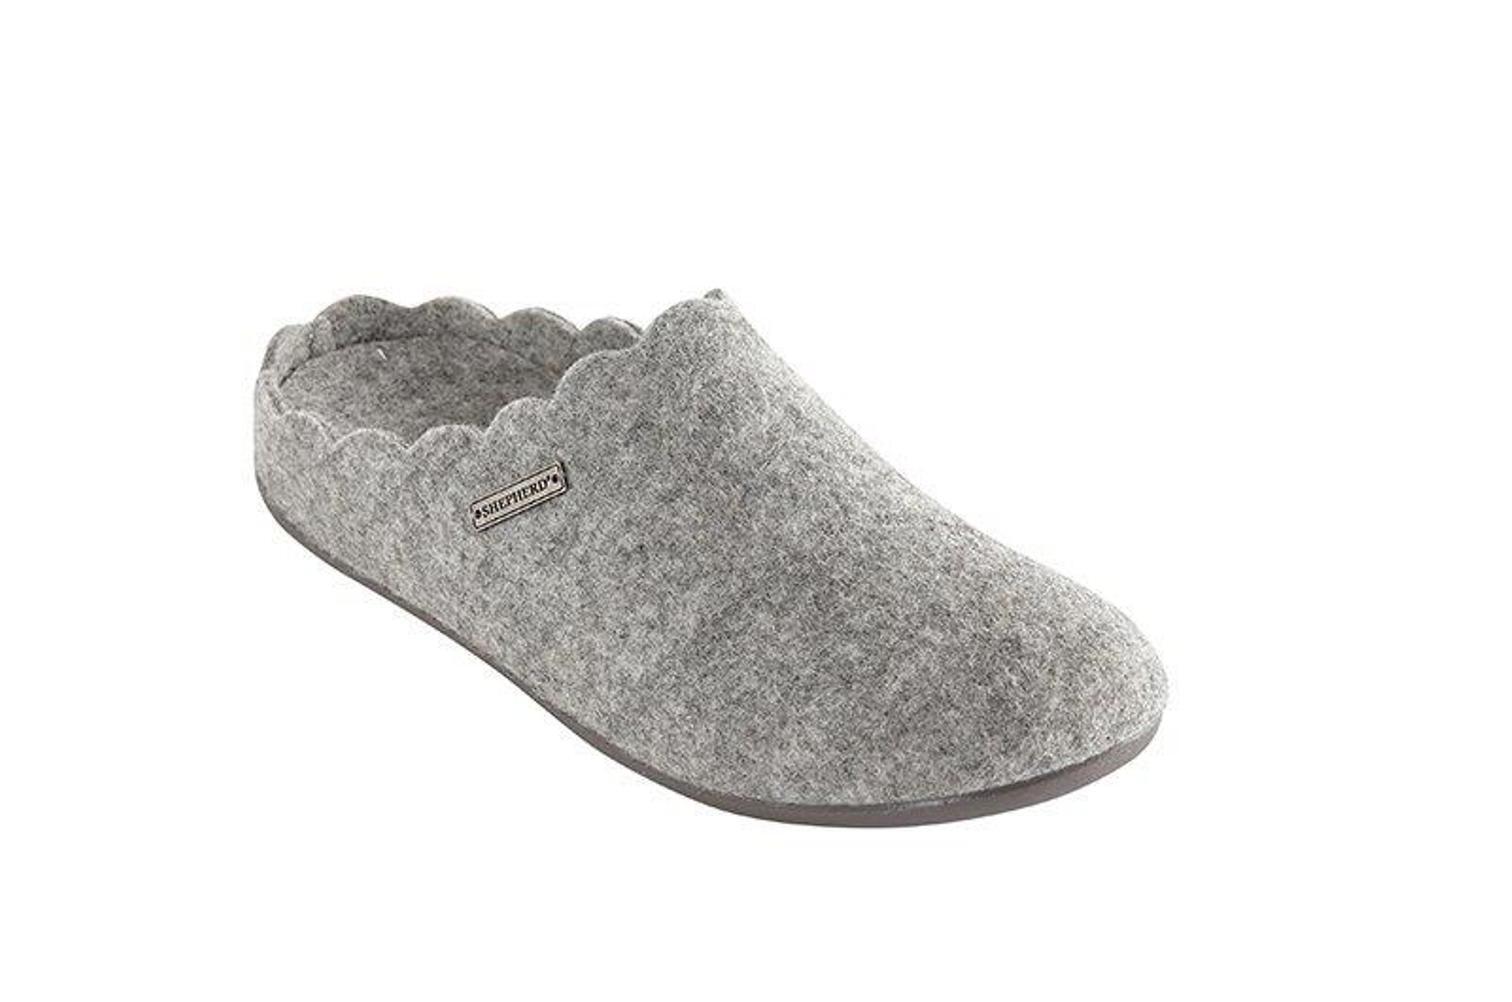 Shepherd 34/6609 Paulina Hausschuhe Pantoffeln Fußbett grau Gr. 36 - 41 Neu